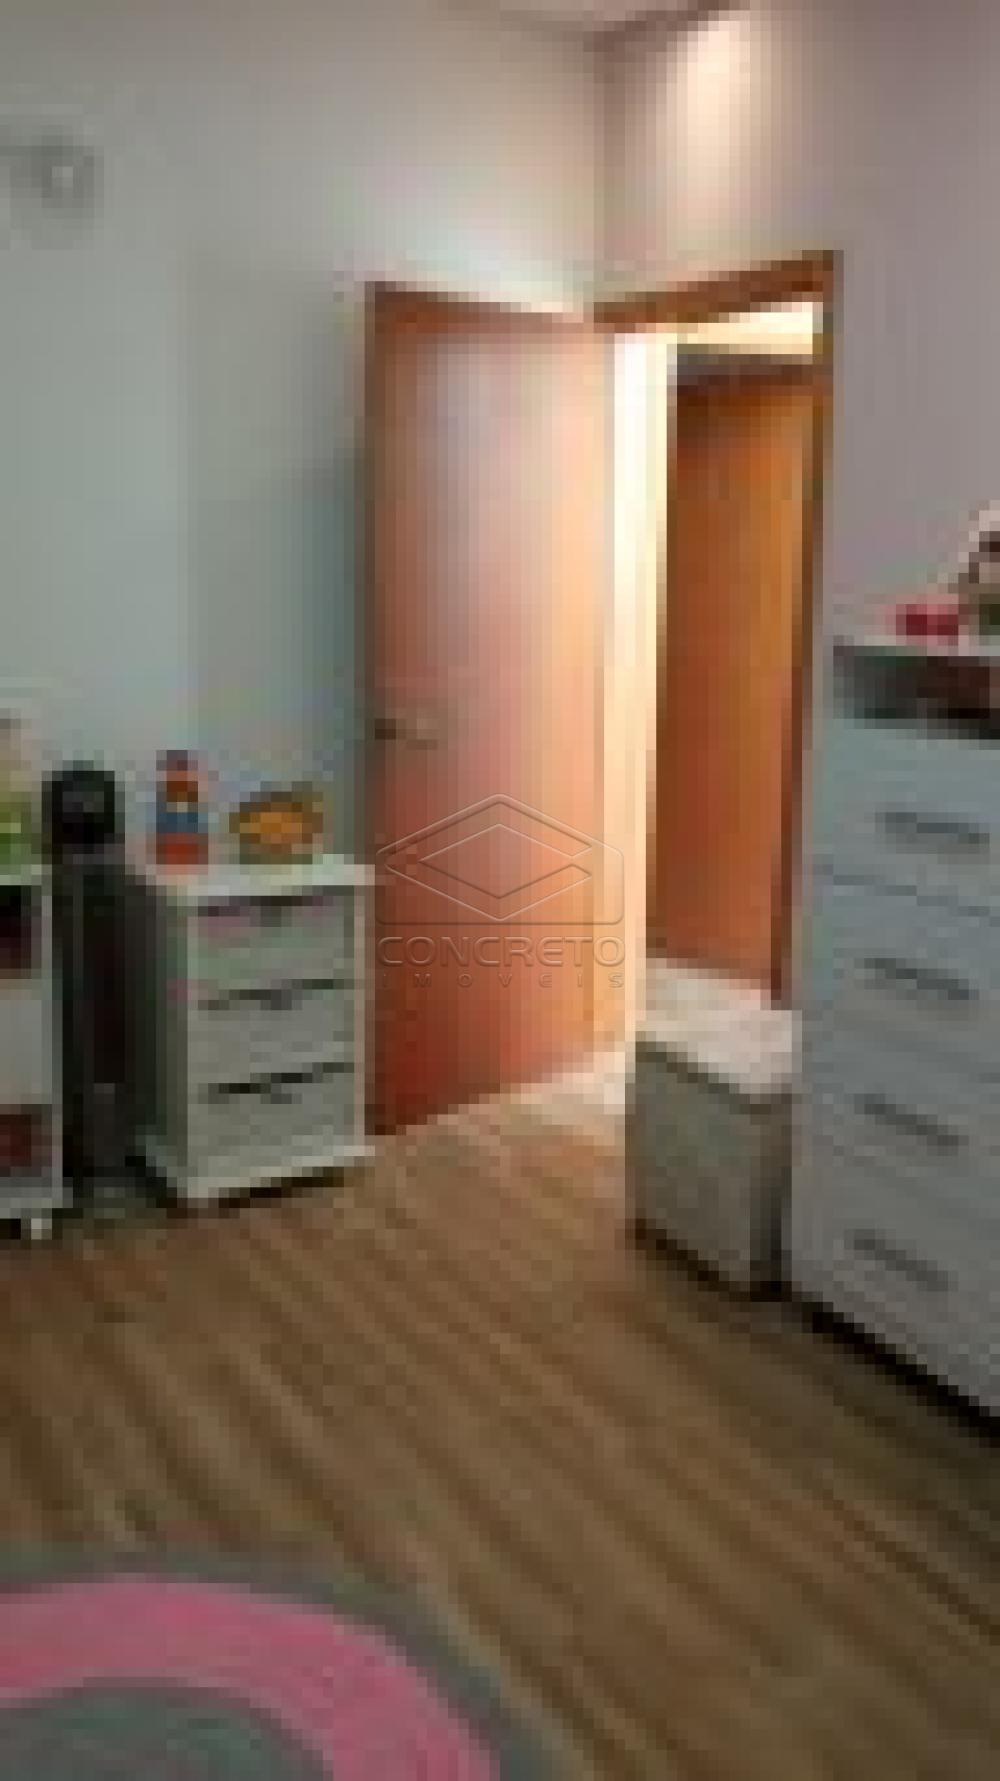 Comprar Casa / Padrão em Sao Manuel apenas R$ 650.000,00 - Foto 45